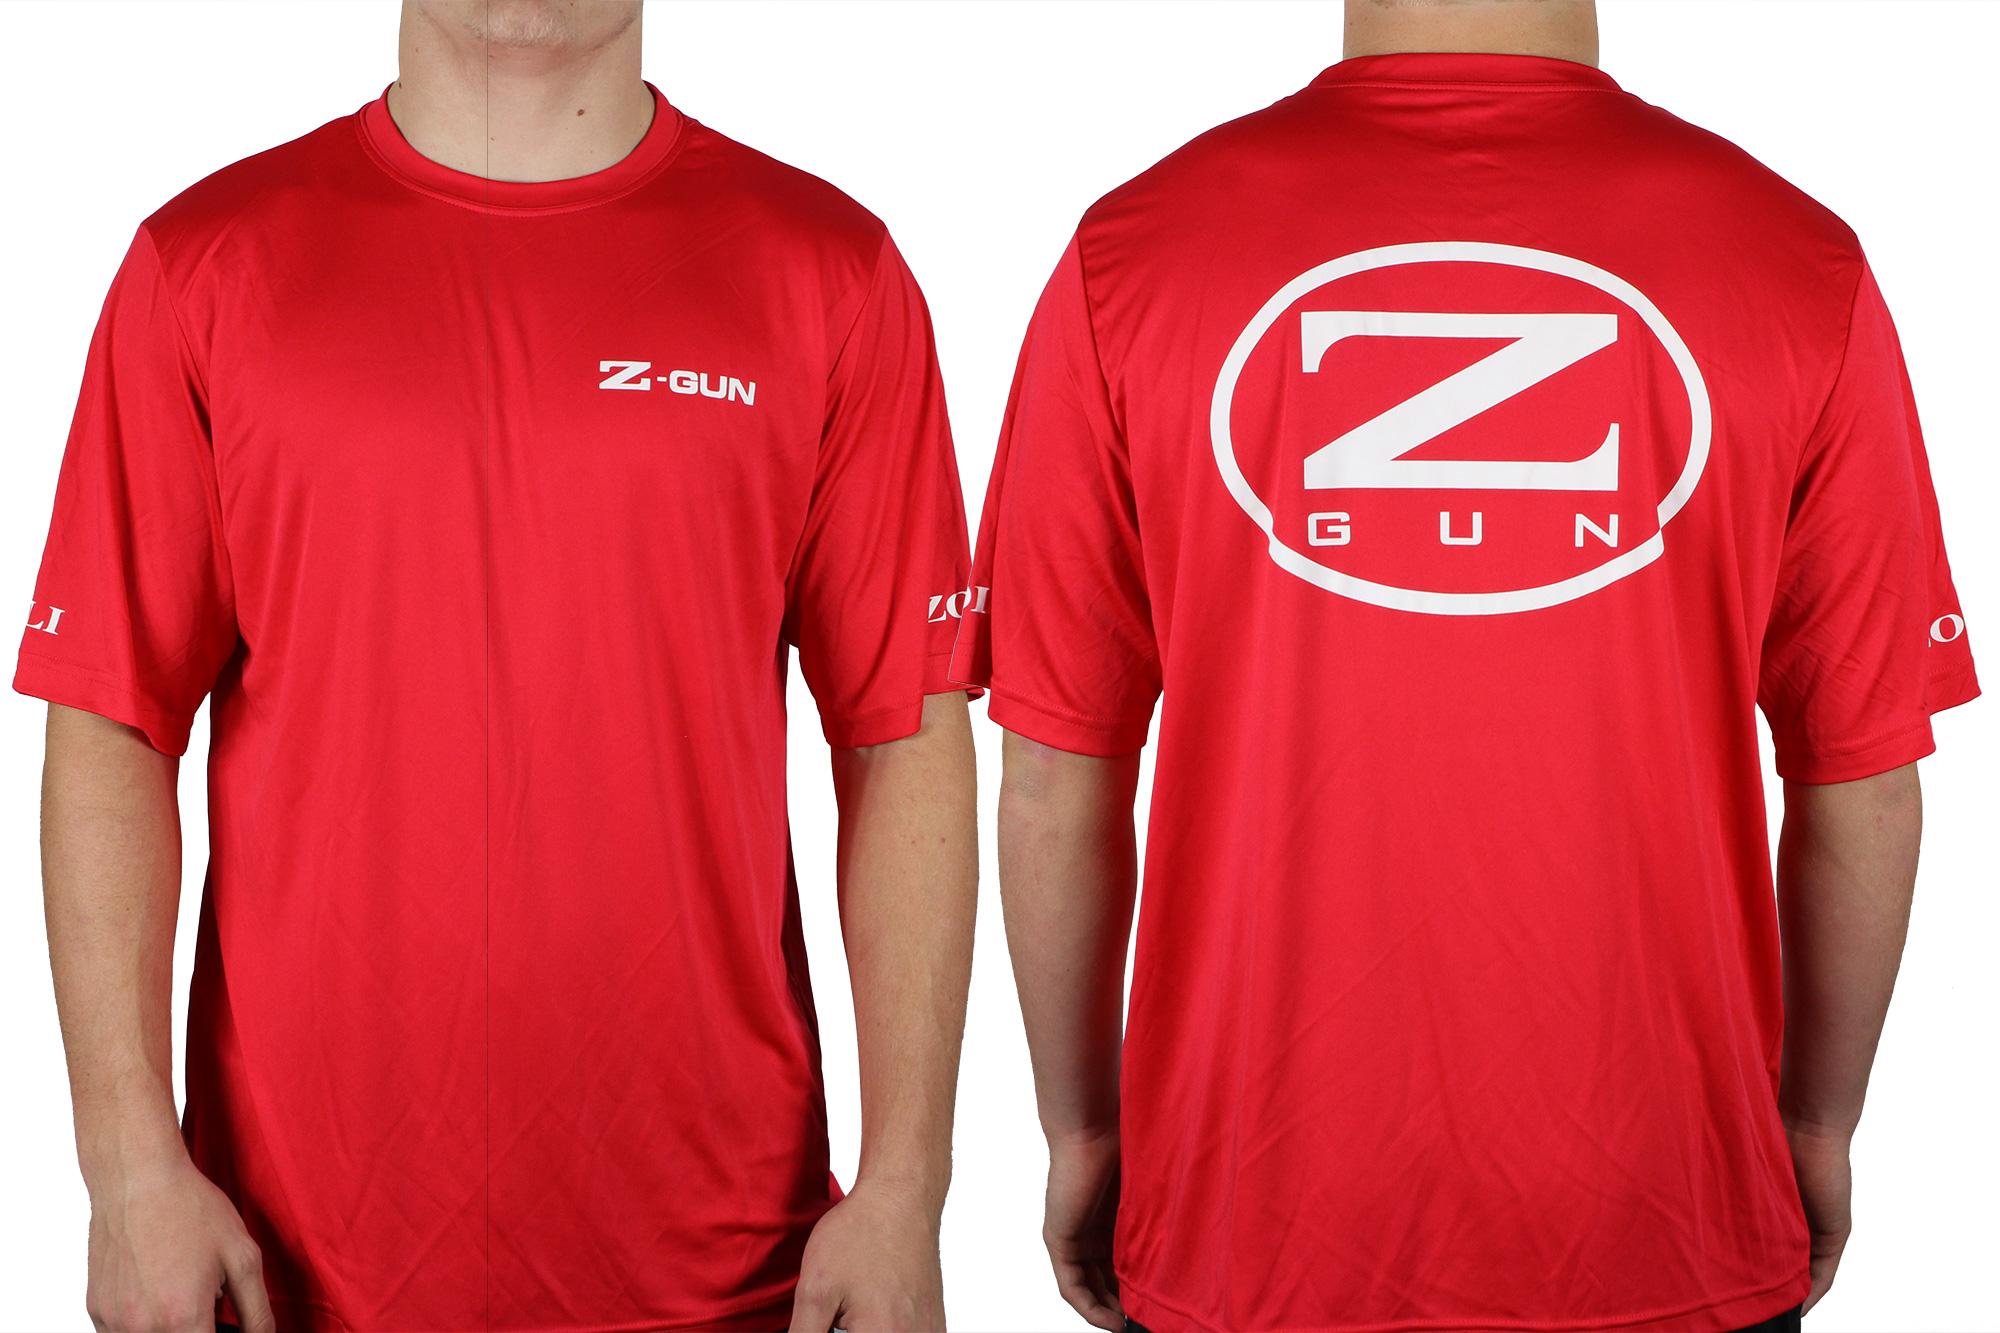 Z-GUN Sport Shirt ( Red )